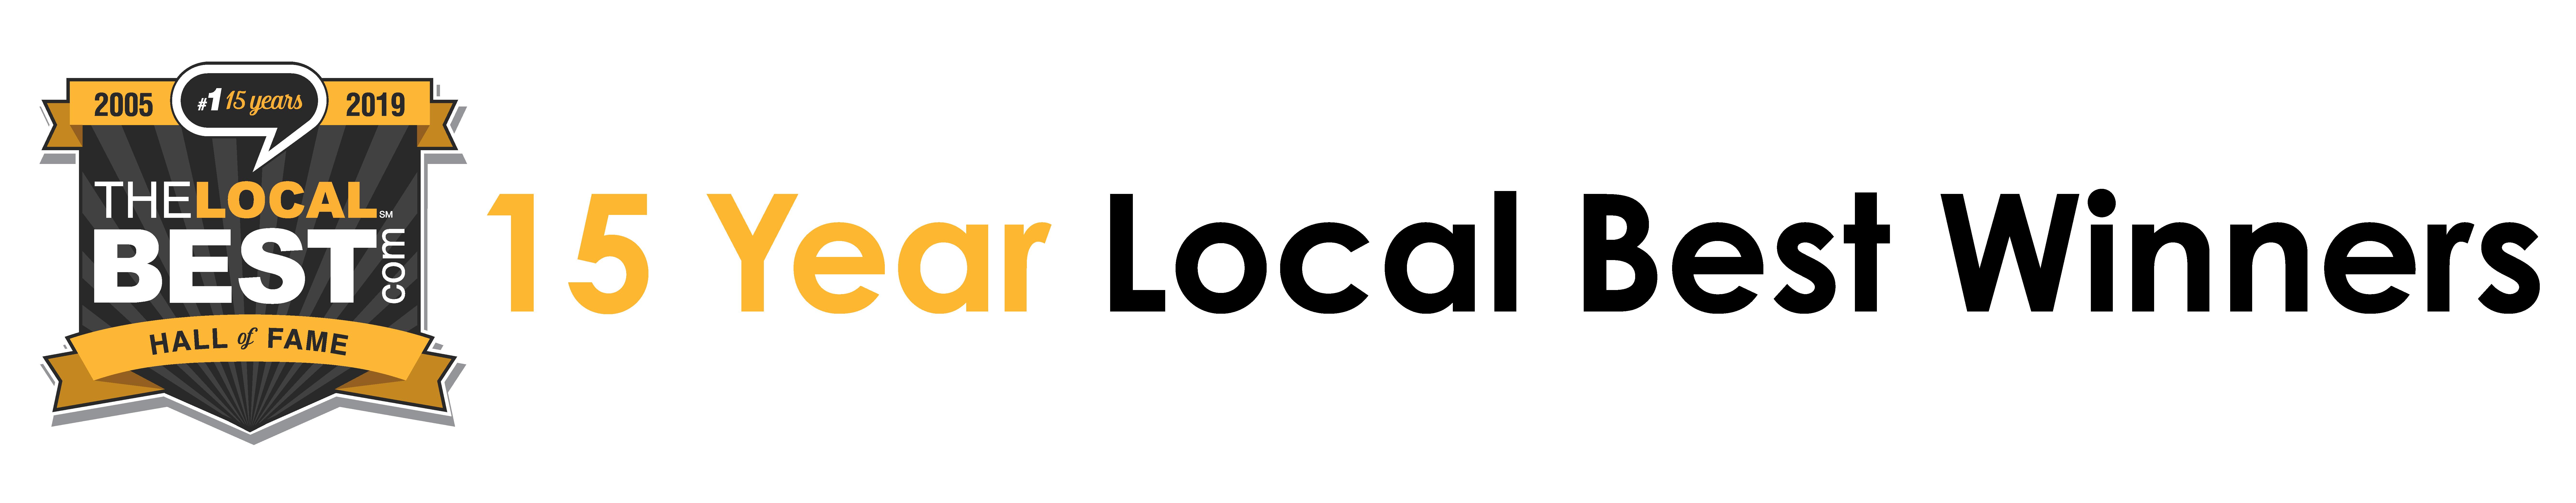 15 Year Local Best Winners